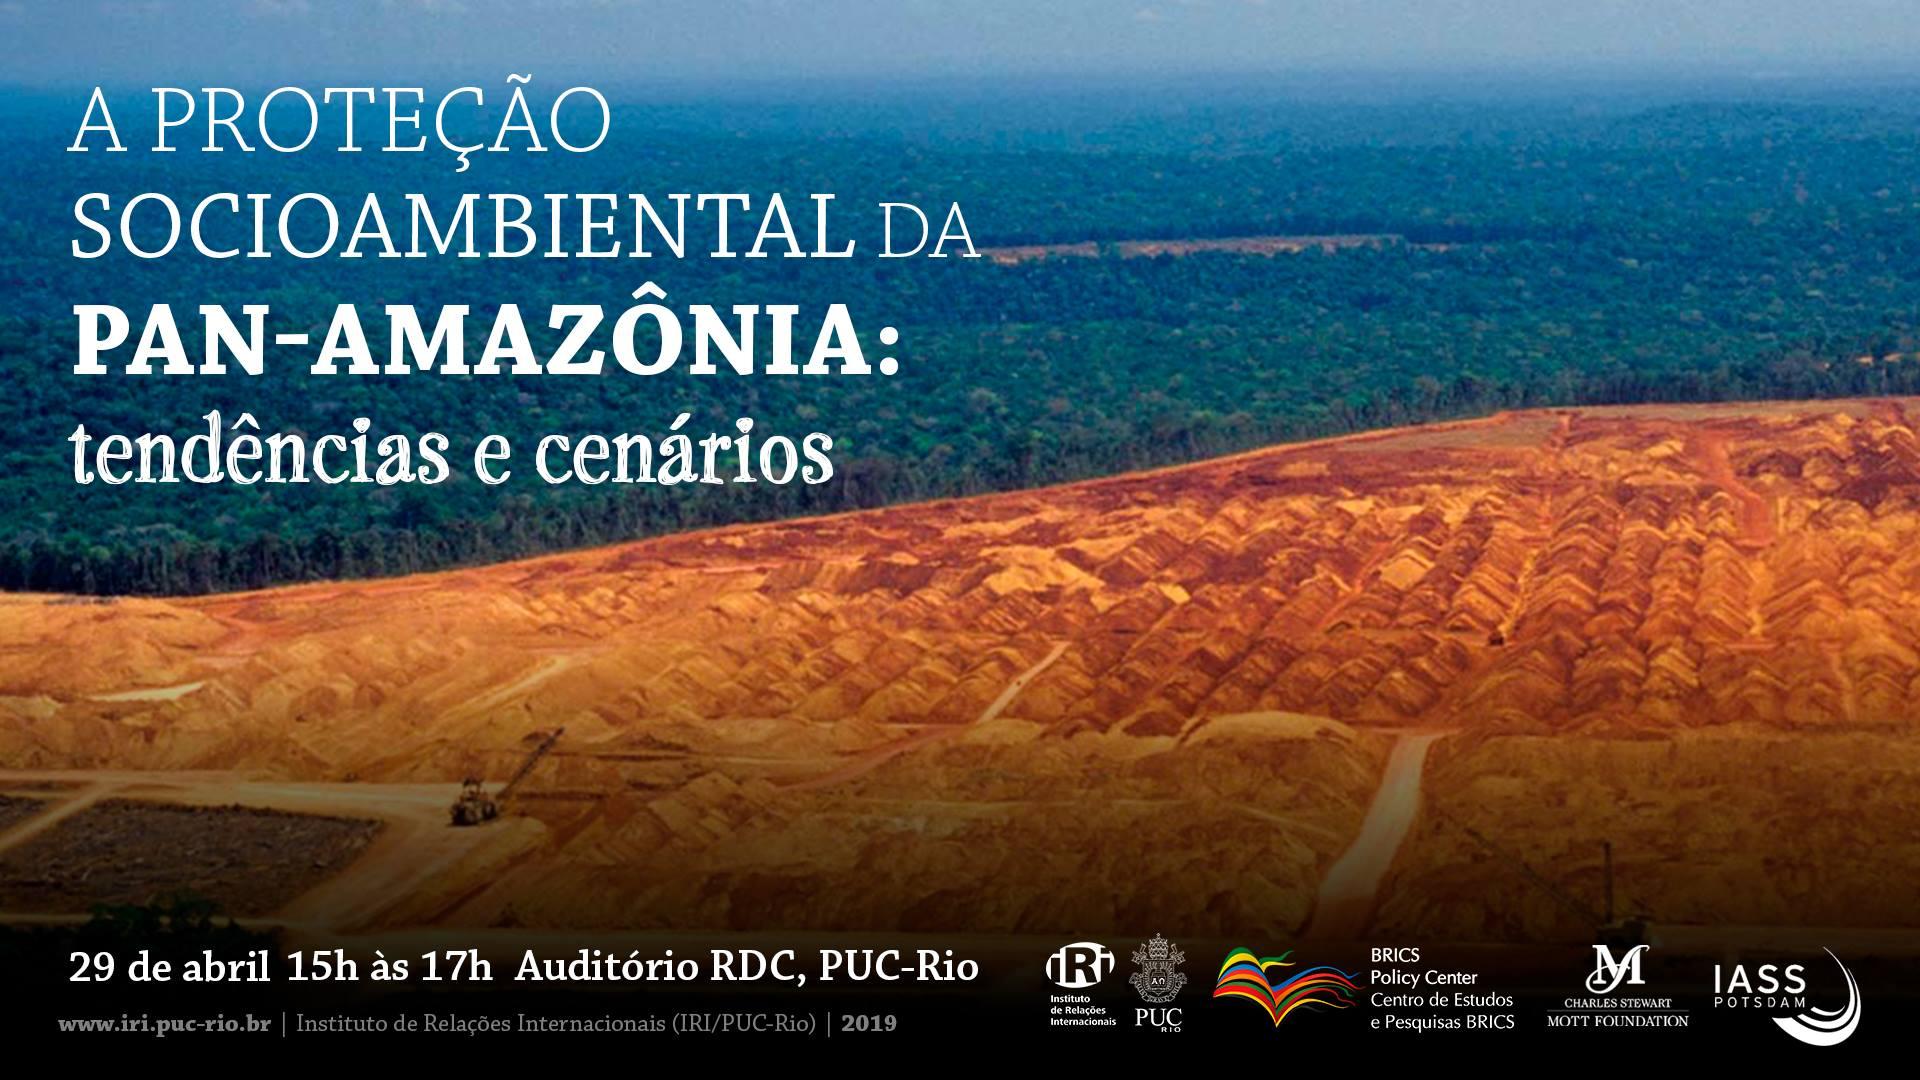 A Proteção Socioambiental da Pan-Amazônia: tendências e cenários